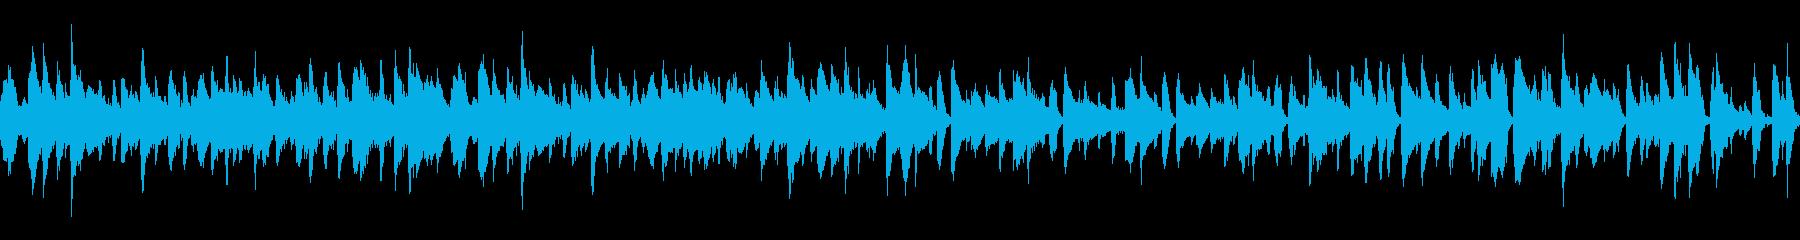 ほのぼのとした陽気なジャズ風楽曲の再生済みの波形